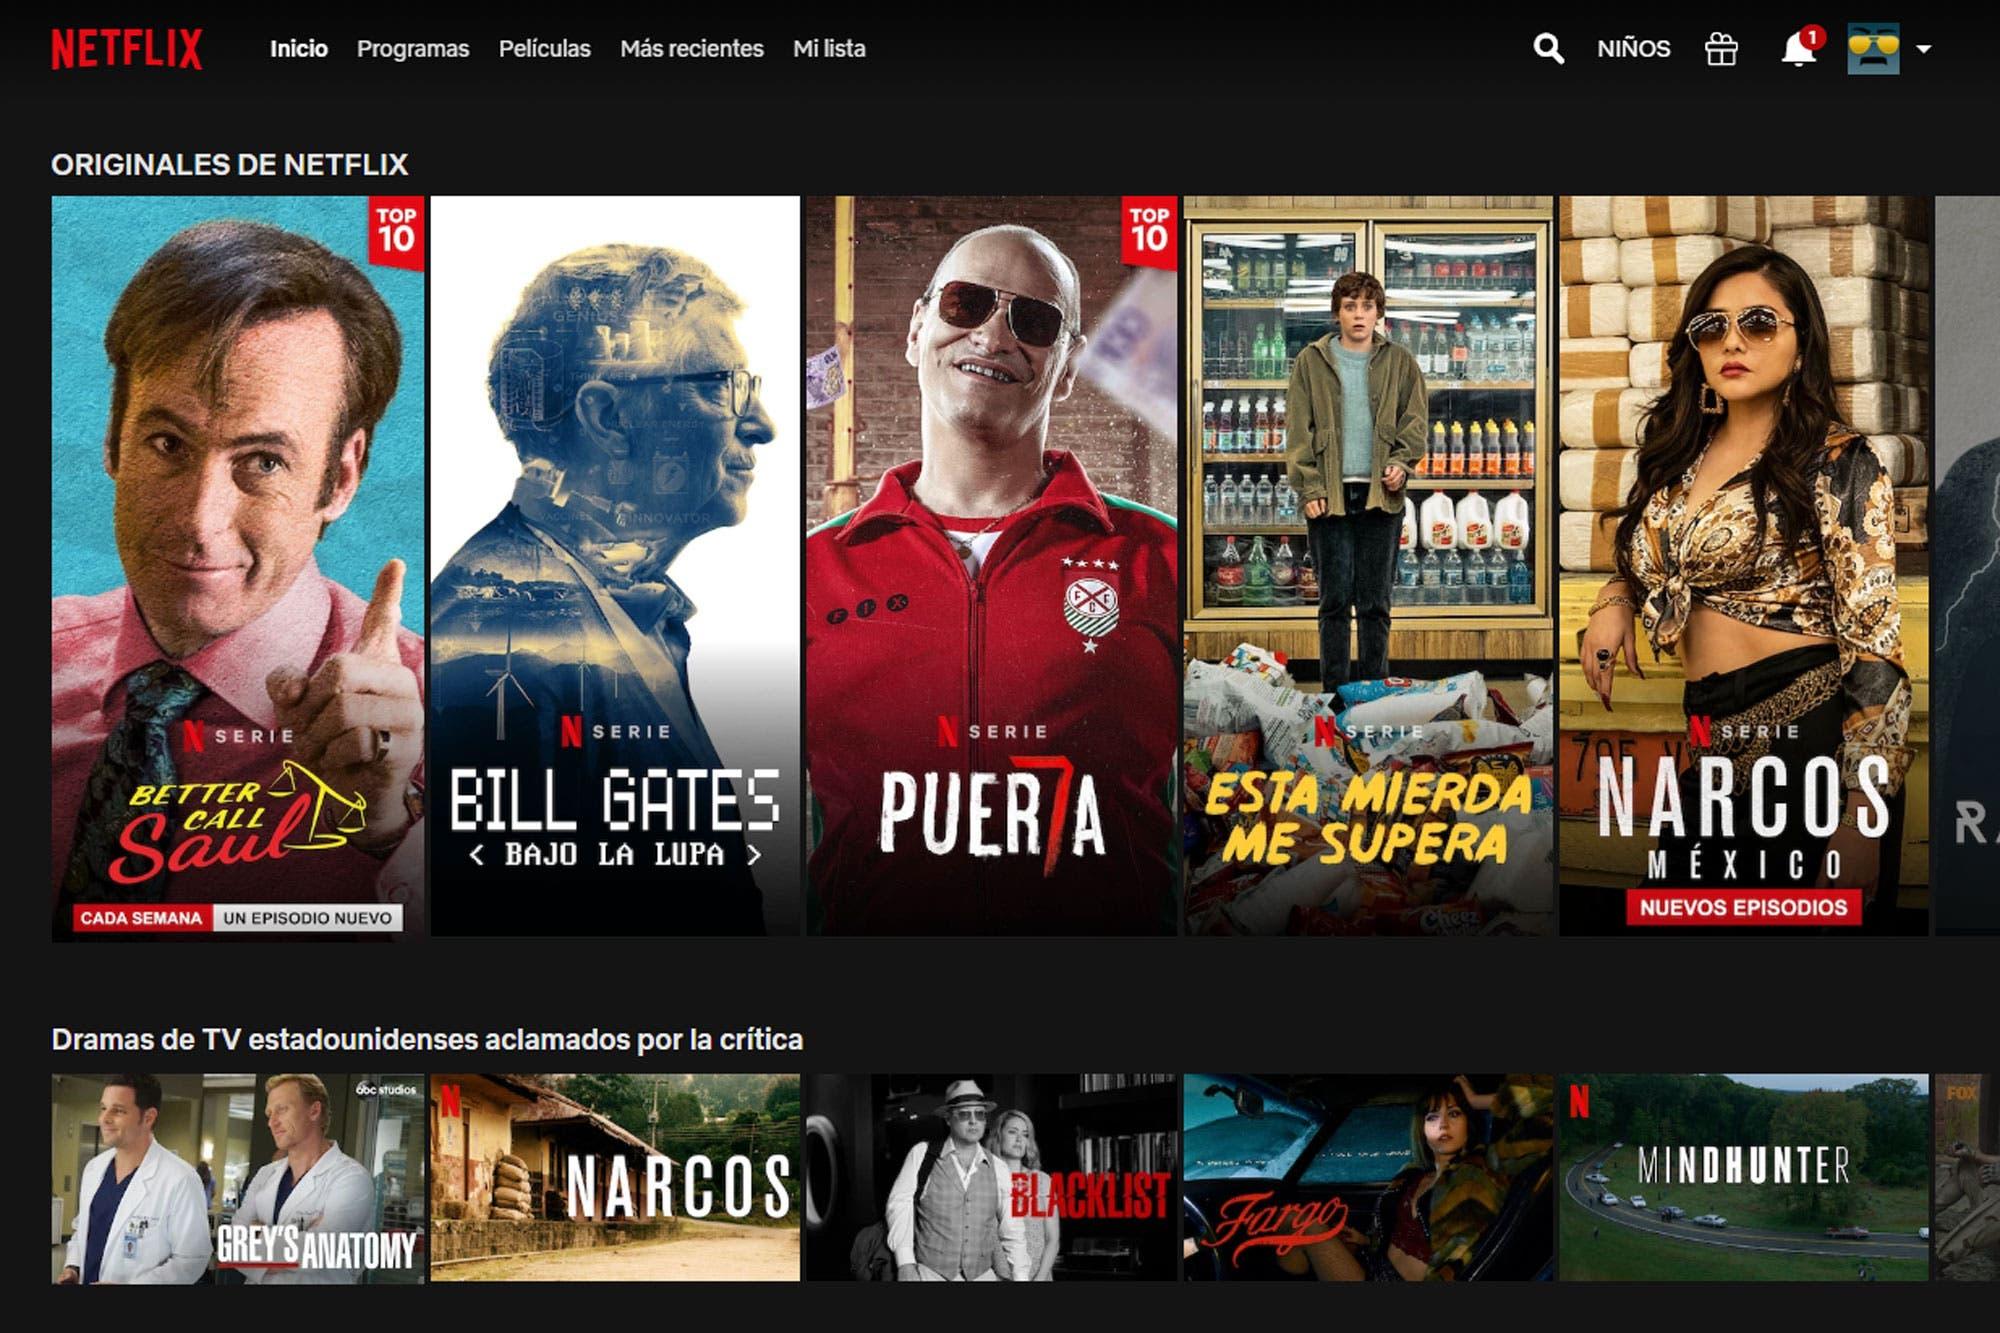 Argentina Porno Peliculas netflix ahora ofrecerá un ranking diario con las 10